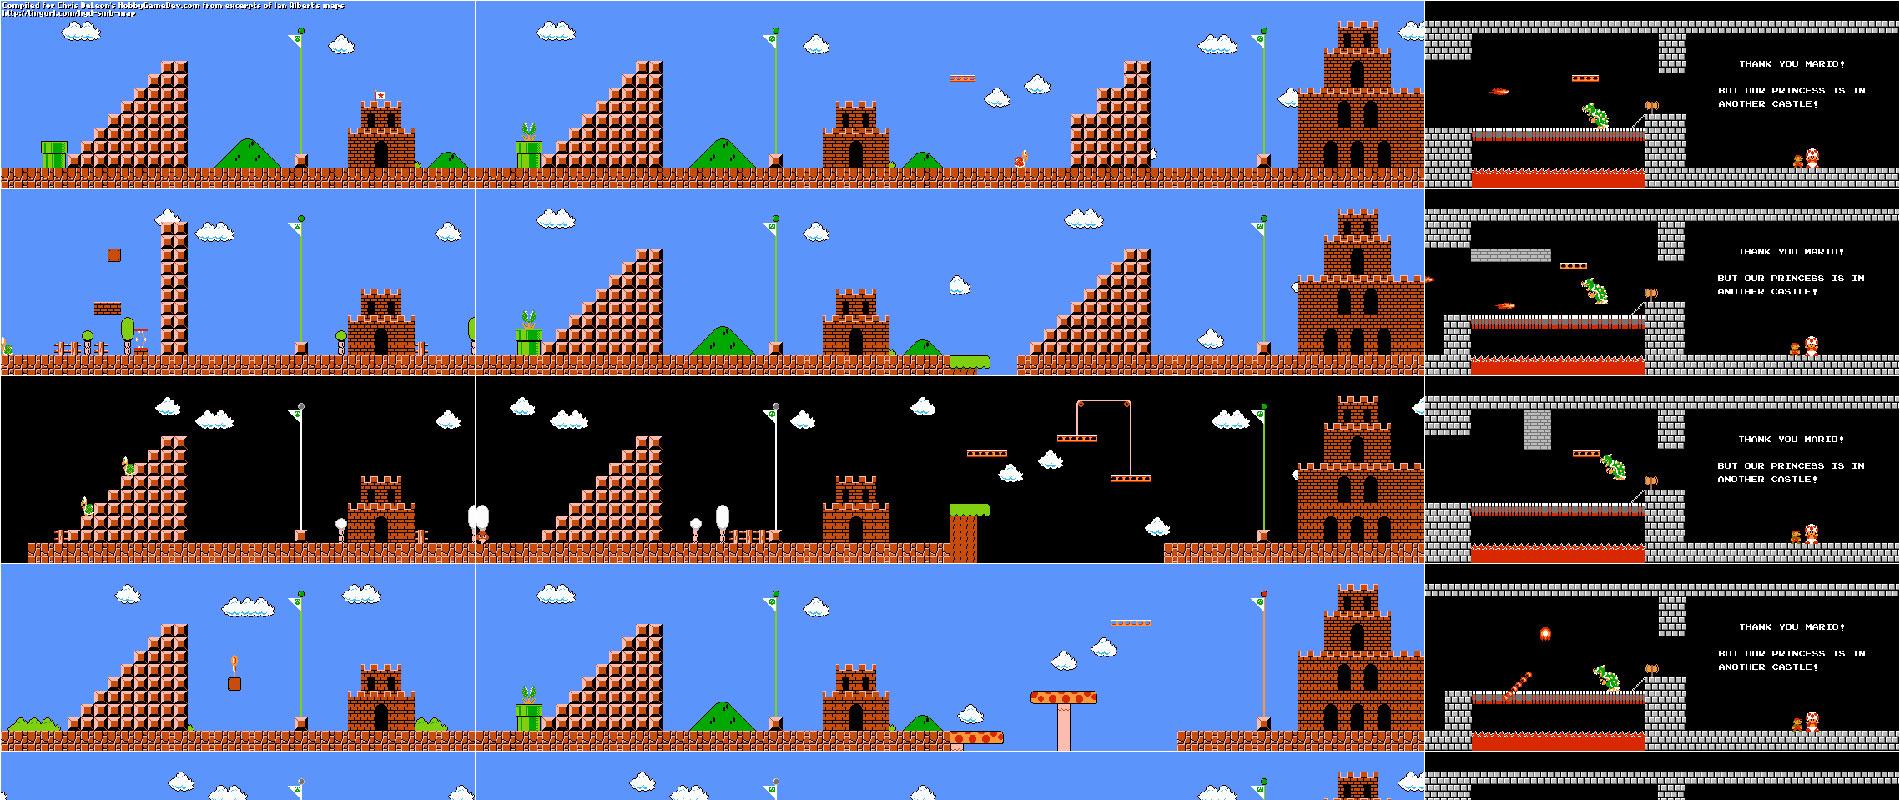 974 гонки на время в Super Mario Bros. одновременно